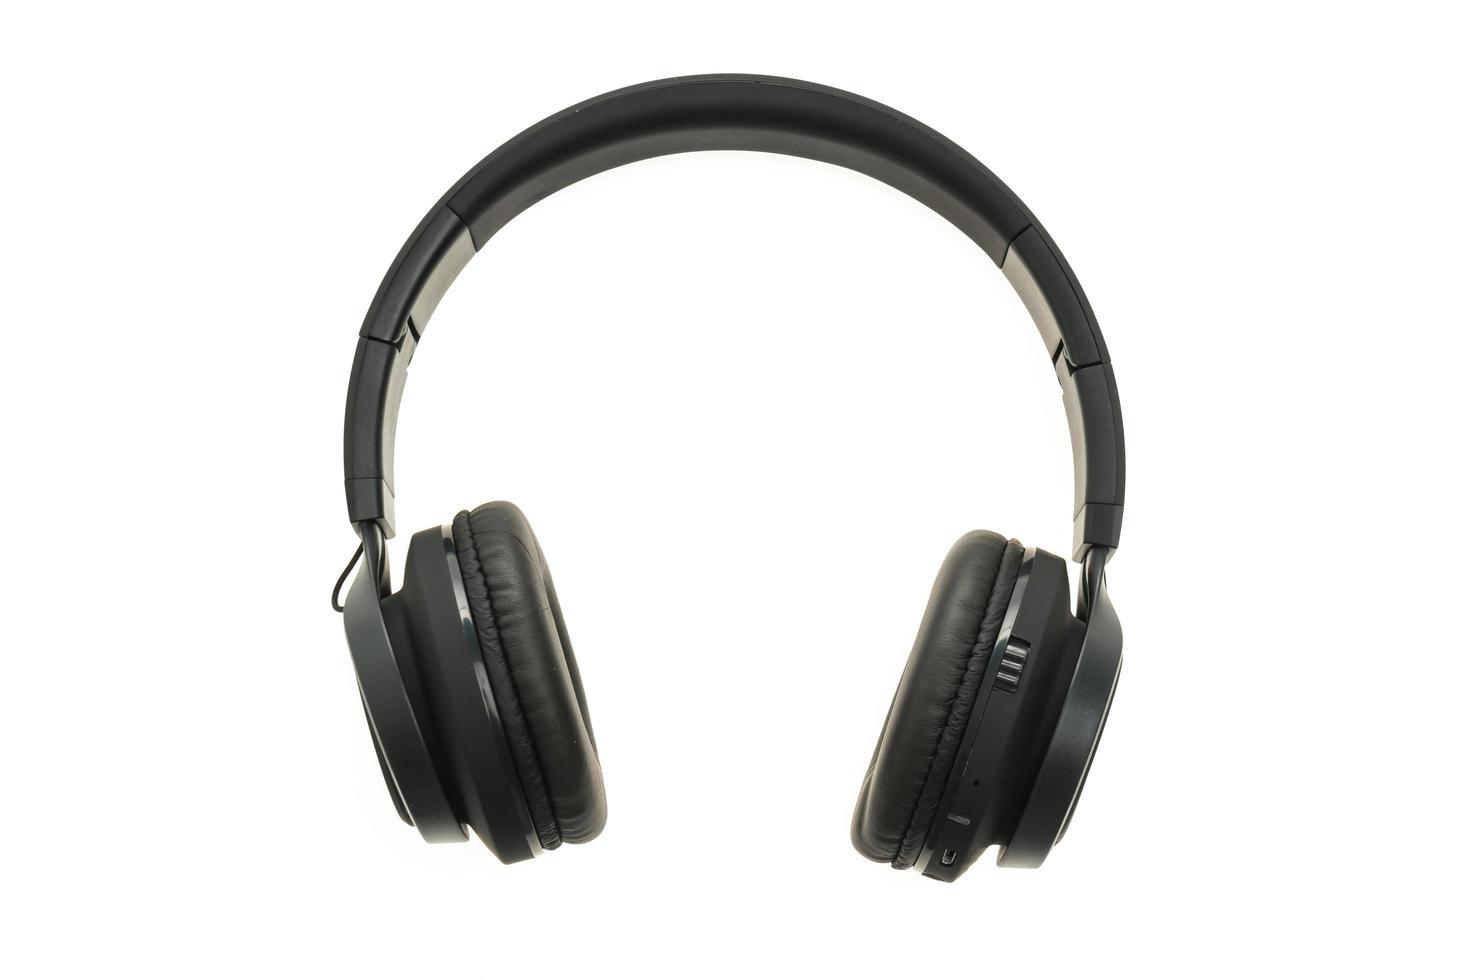 auriculares sobre fondo blanco foto